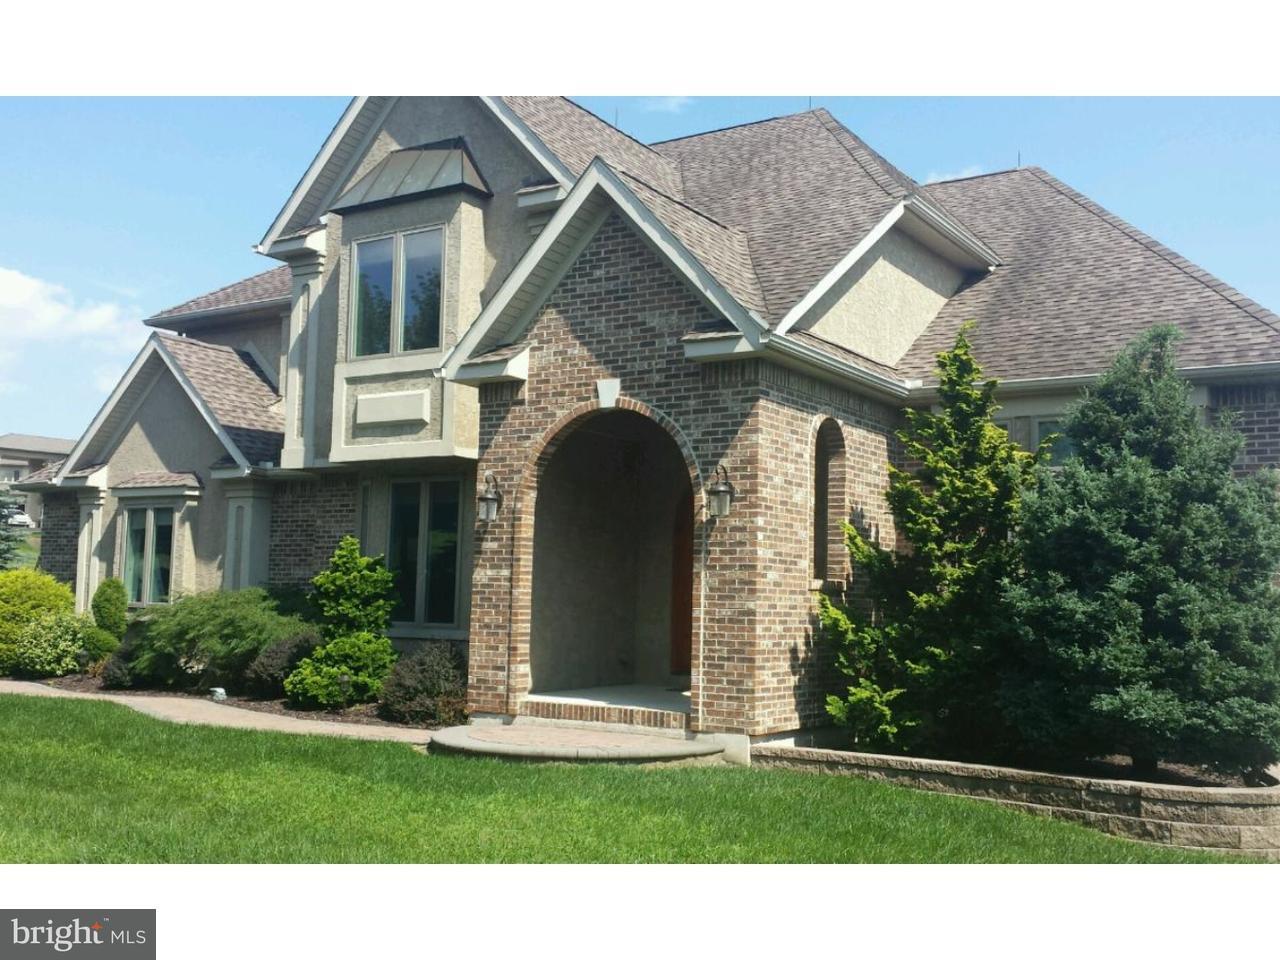 Частный односемейный дом для того Продажа на 2145 PARK Place Slatington, Пенсильвания 18080 Соединенные Штаты